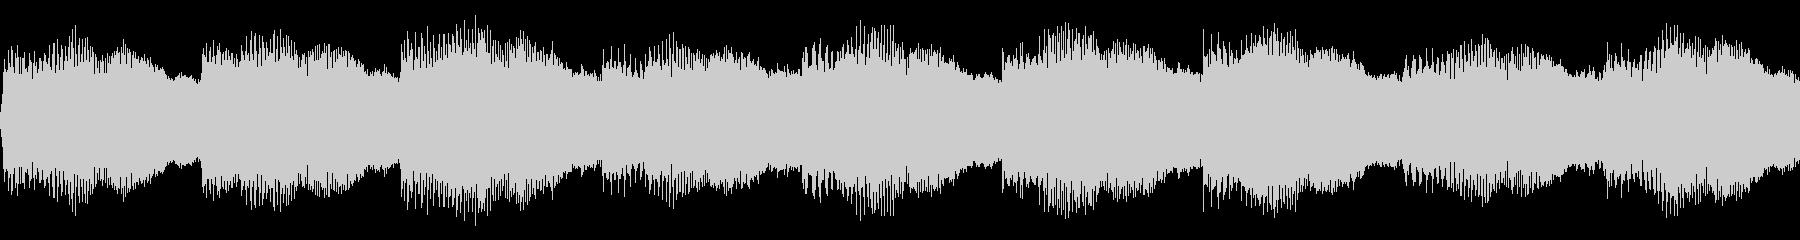 【緊急時】アラート音の未再生の波形